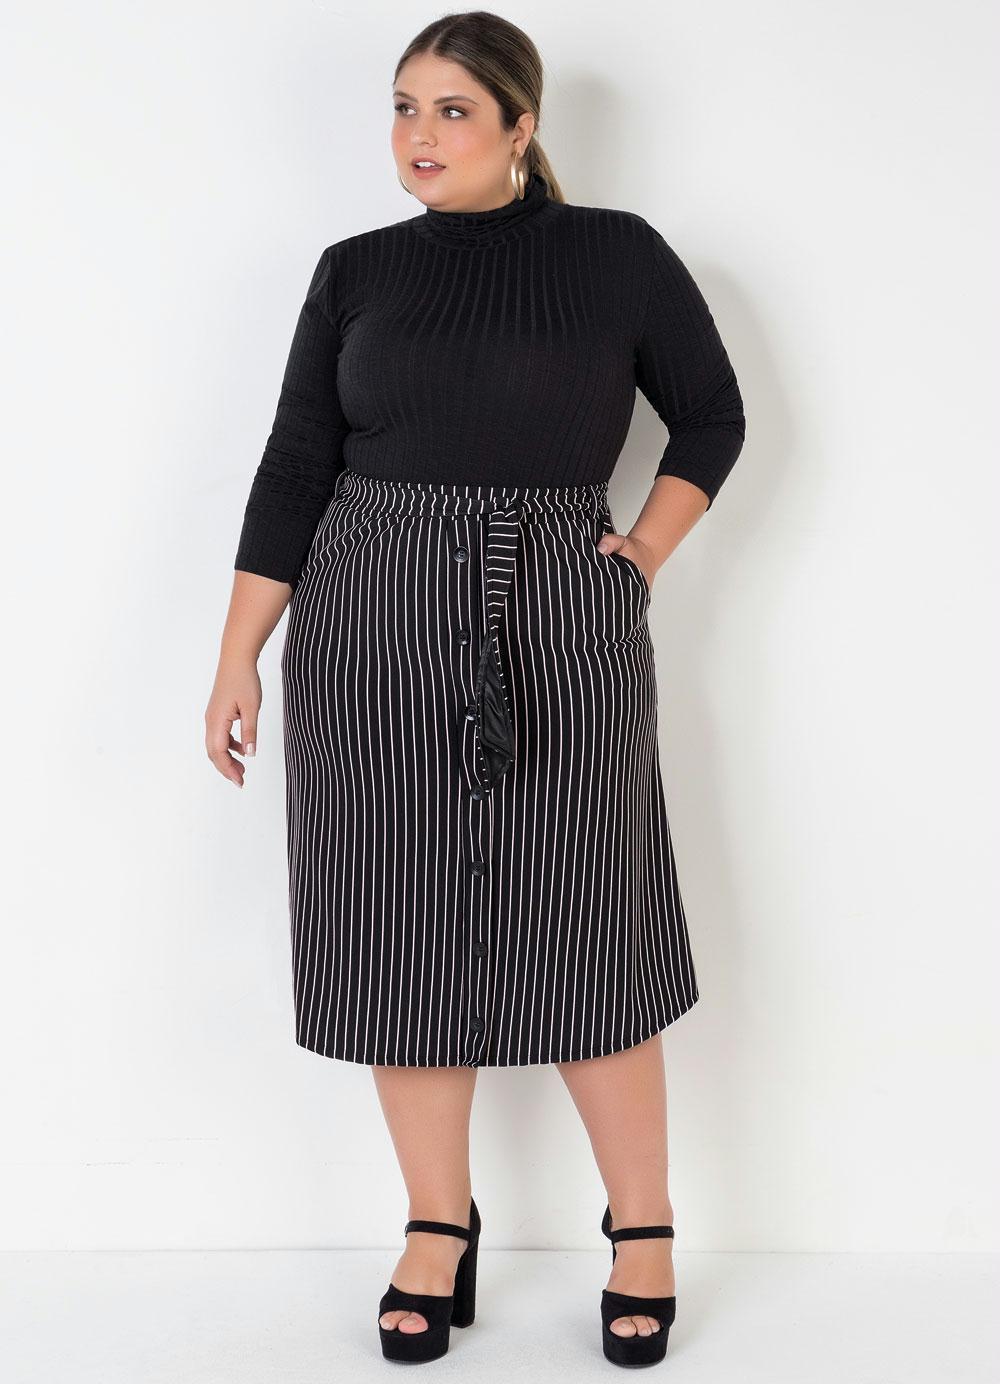 1612587910 376 155 looks con falda de varios estilos para conseguir el - 155 looks con falda de varios estilos para conseguir el look perfecto